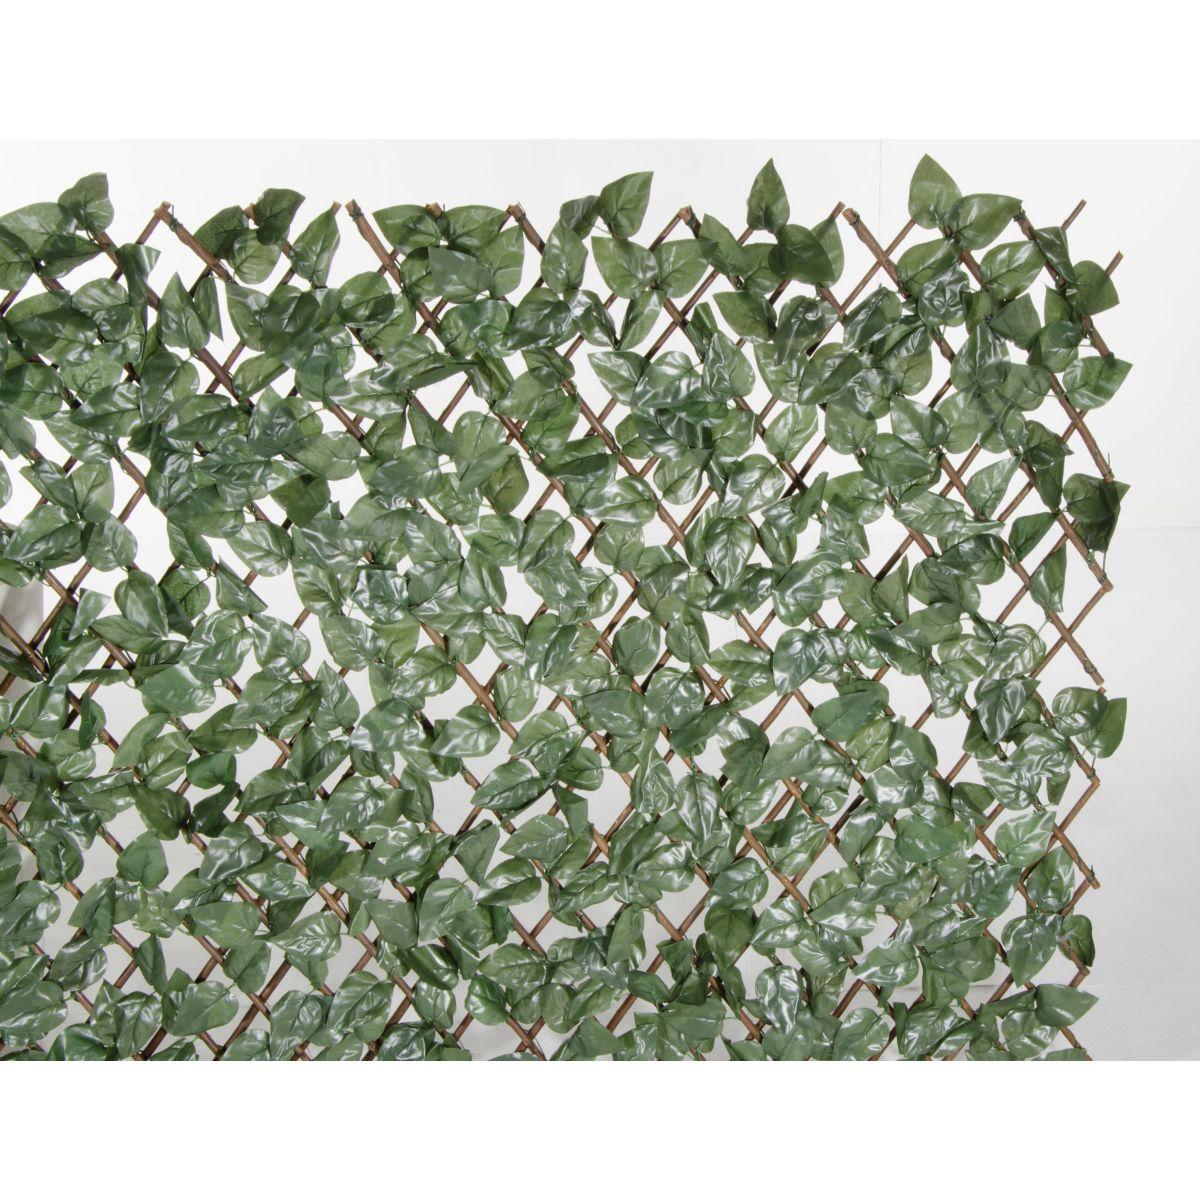 Rete con foglie per balconi giardino e naterial verde l x for Siepe finta ikea